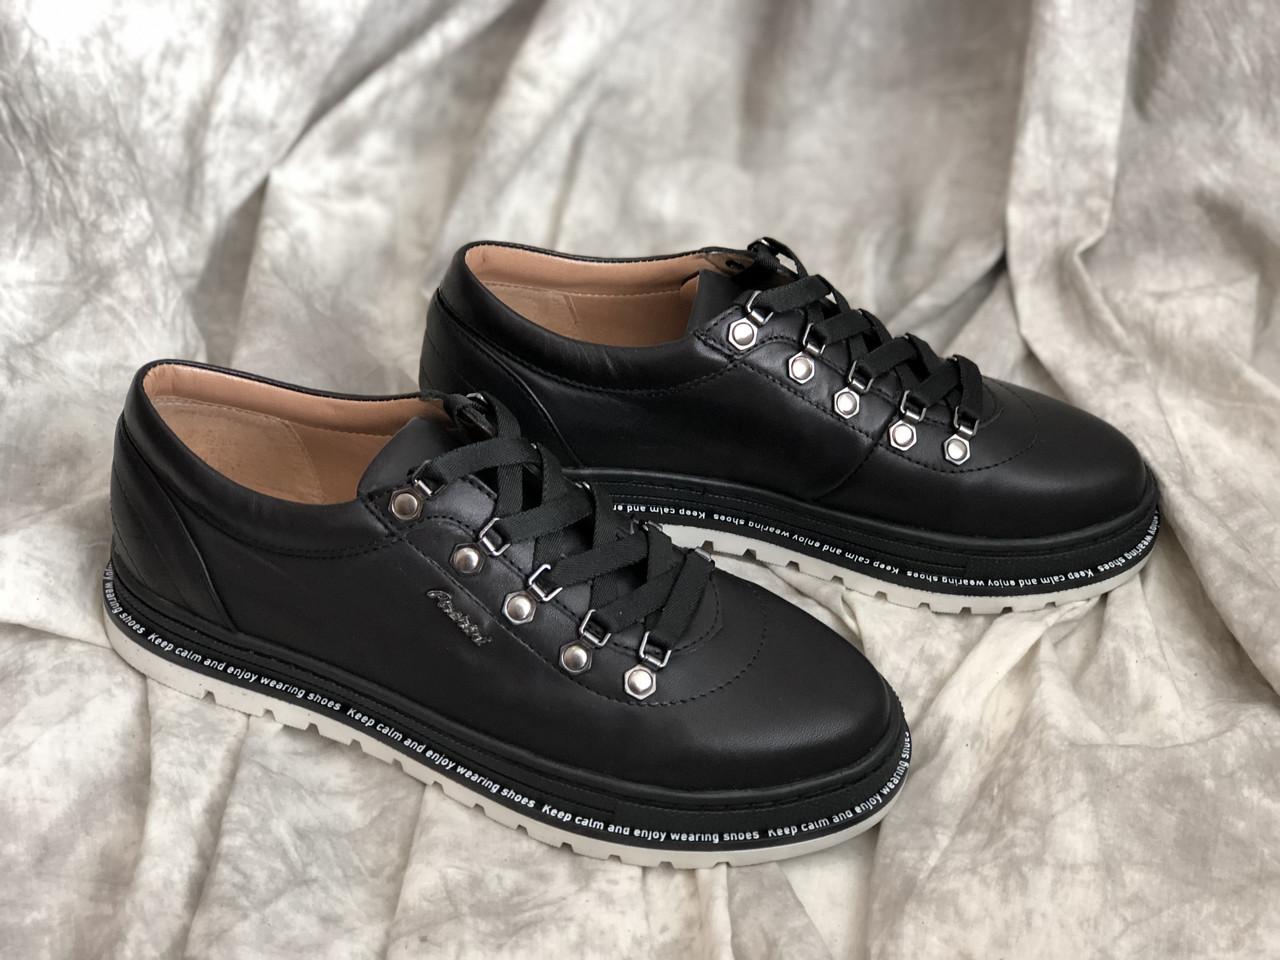 Кожаные женские кроссовки 5028/21 ч/к размеры 36,37,38,39,40